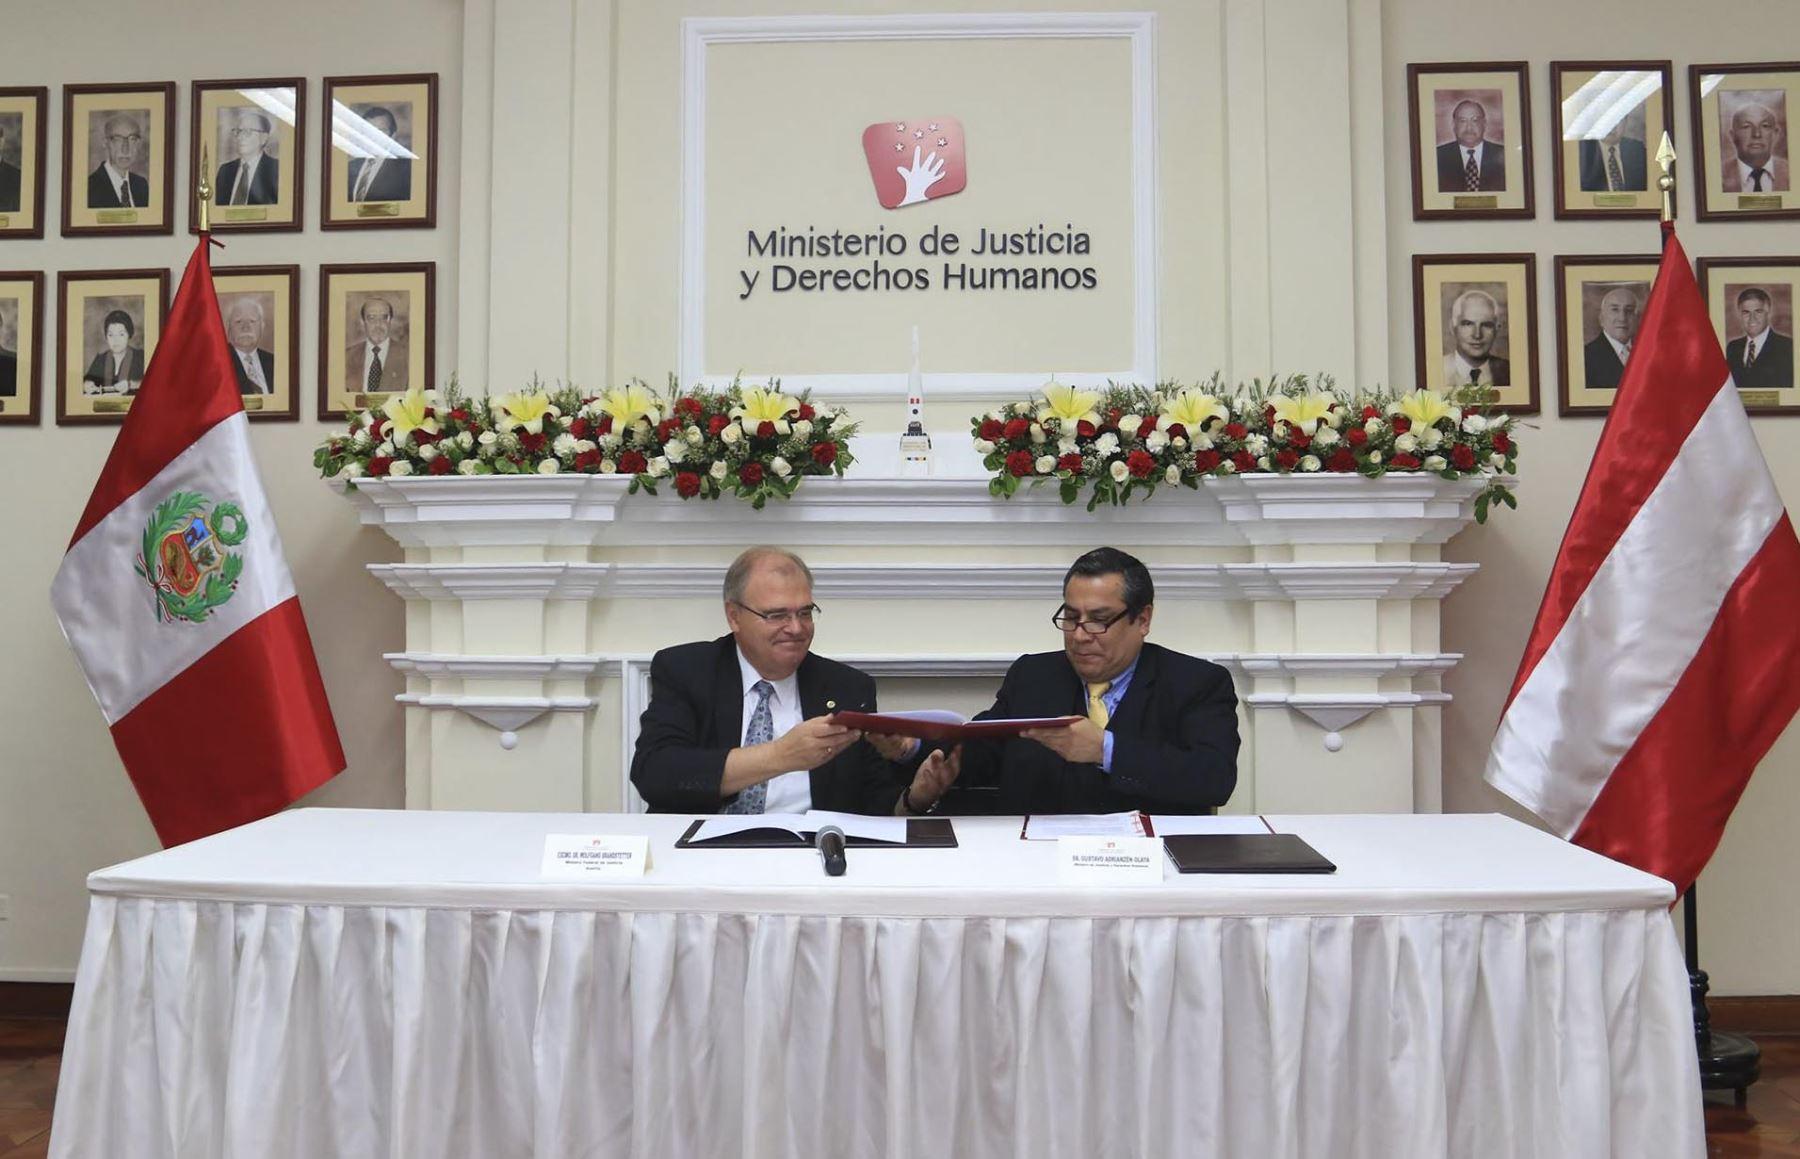 Memorándum firmado por el titular de Justicia, Gustavo Adrianzén Olaya, y su par de Austria, Wolfgang Brandstetter.